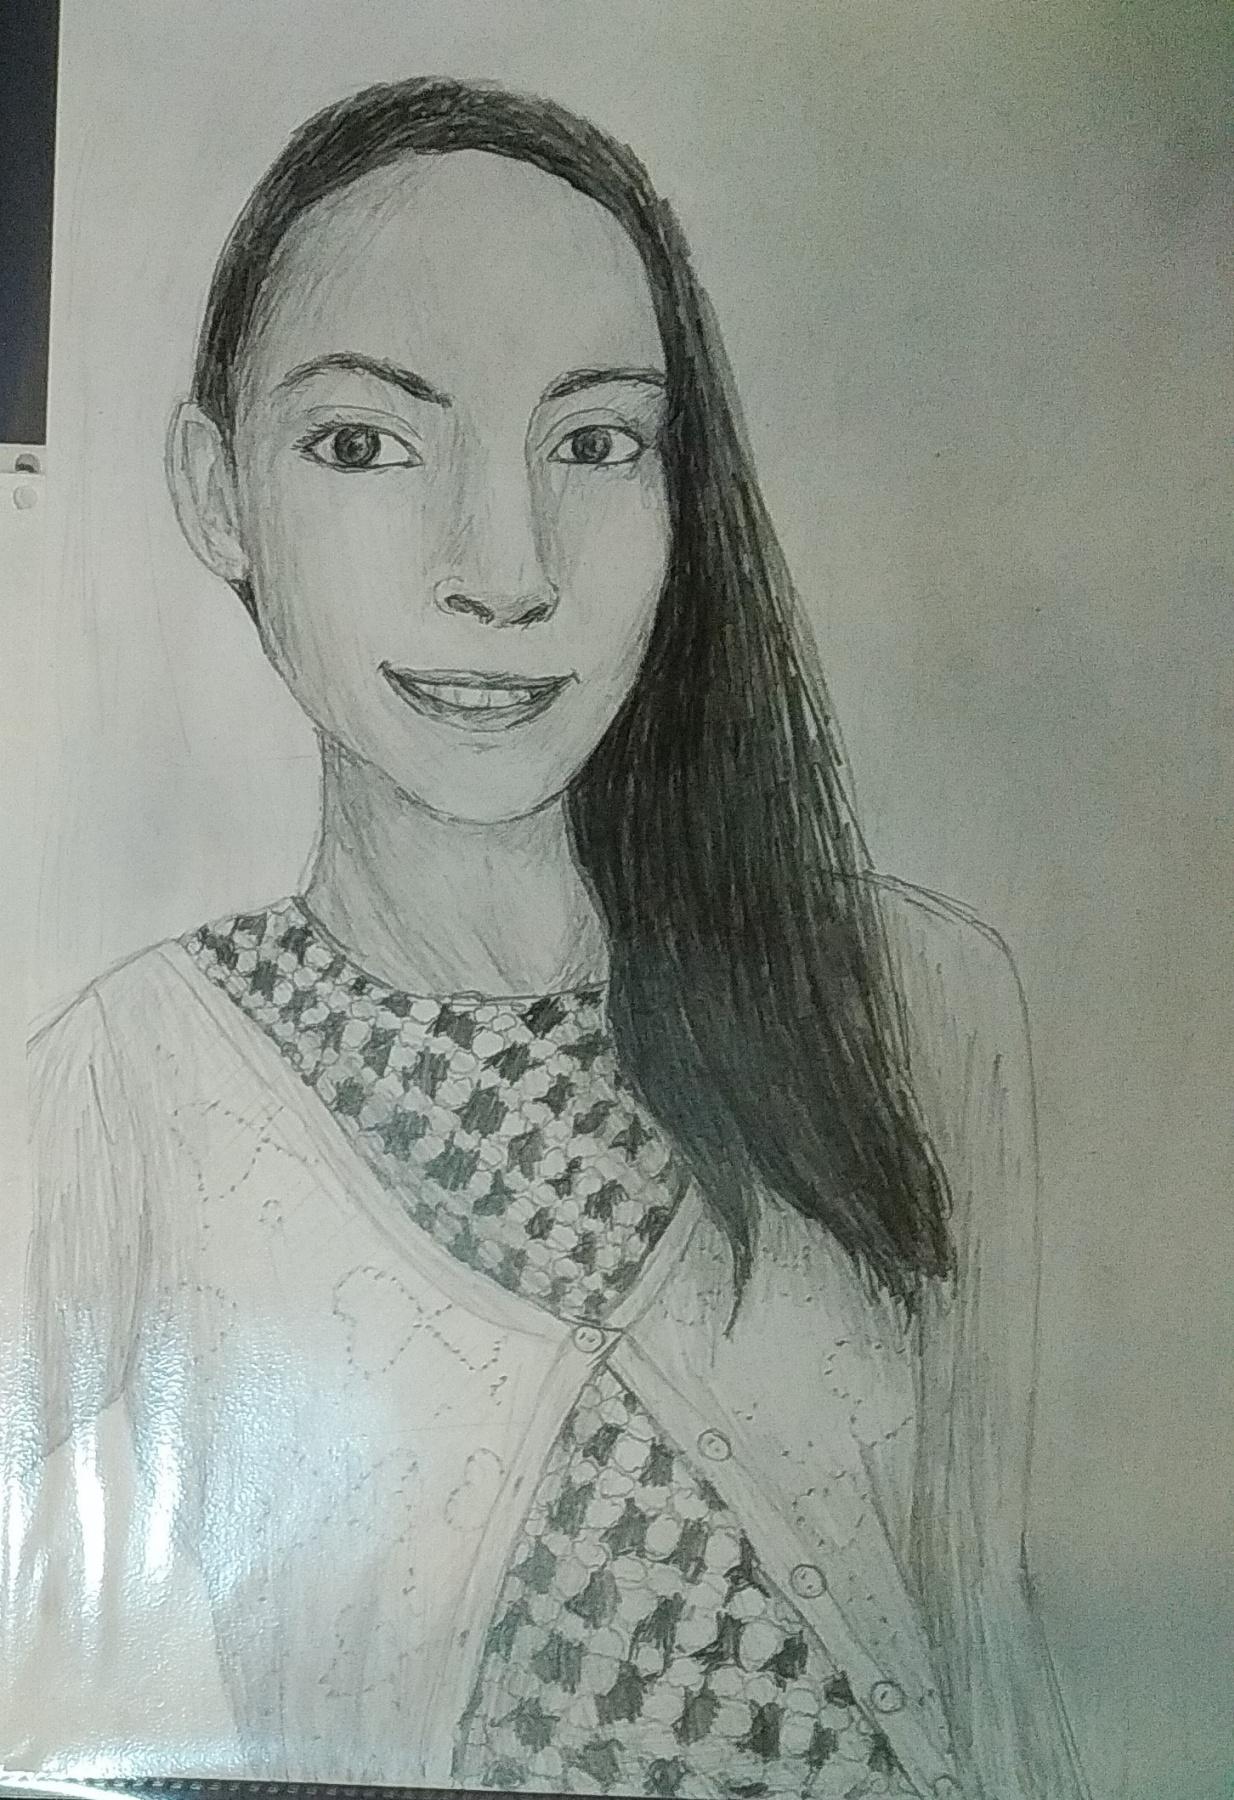 Zina Vladimirovna Parisva. Portrait of a classmate 2